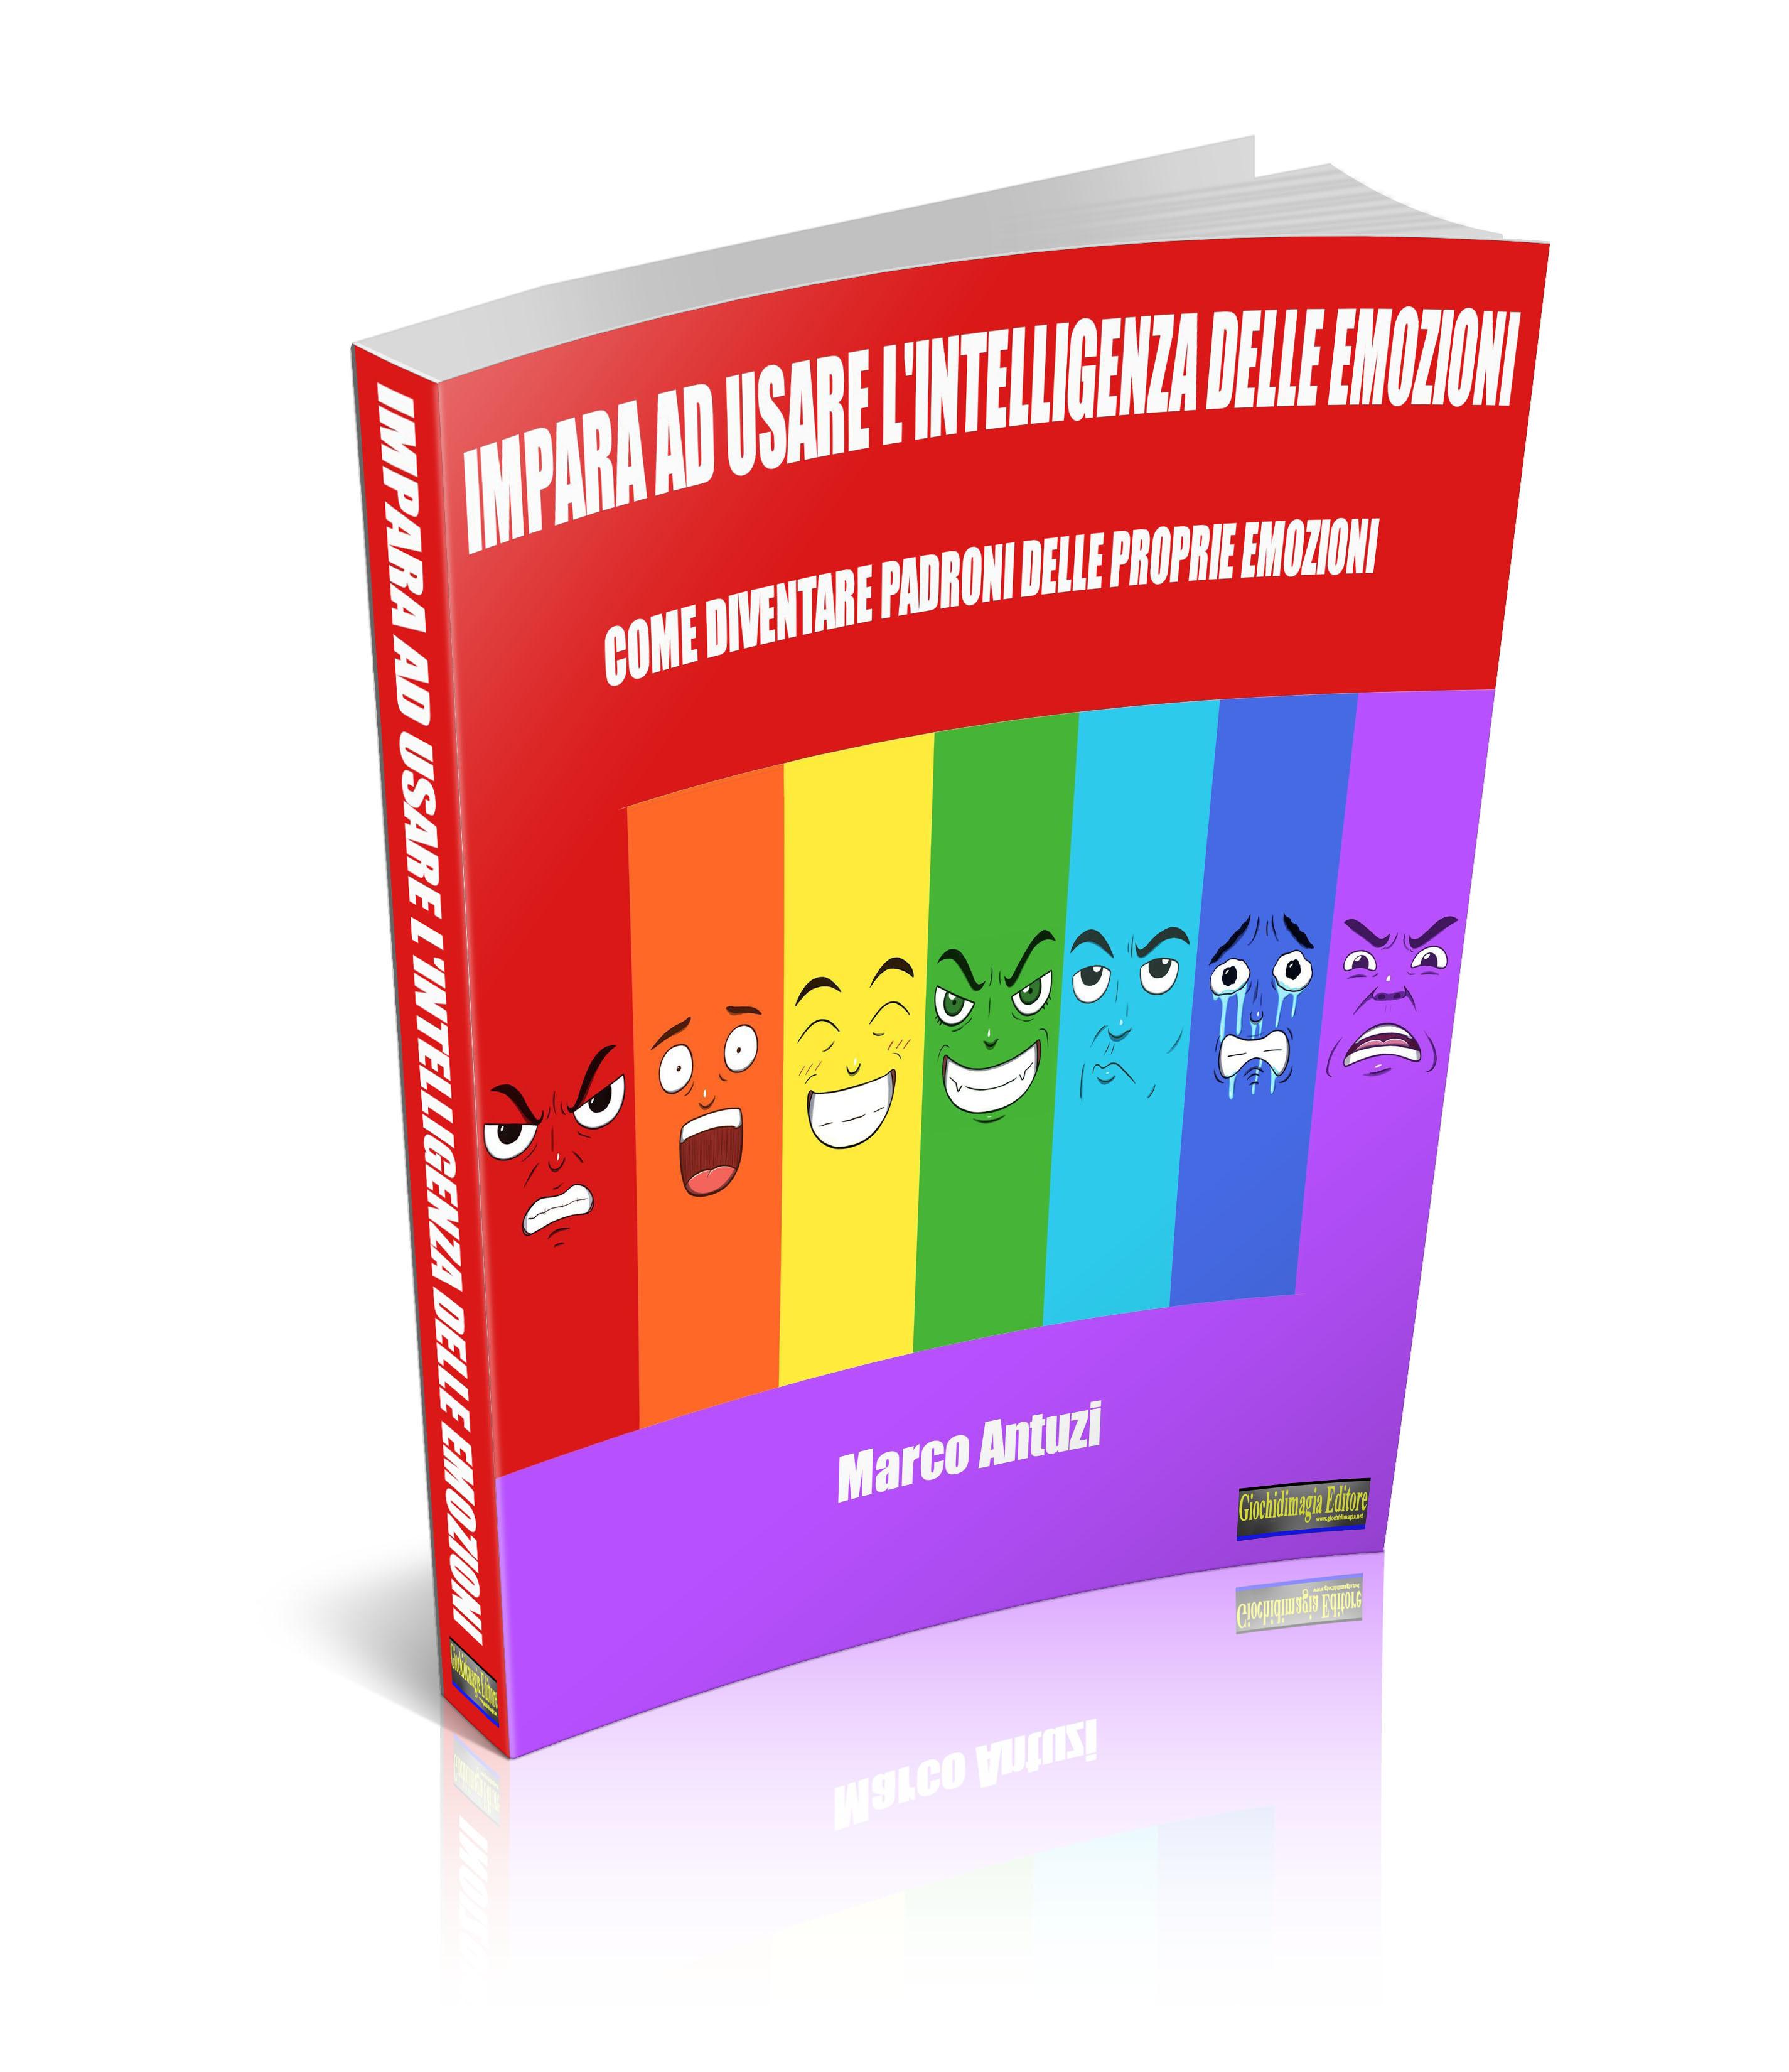 Impara ad usare l'intelligenza delle emozioni